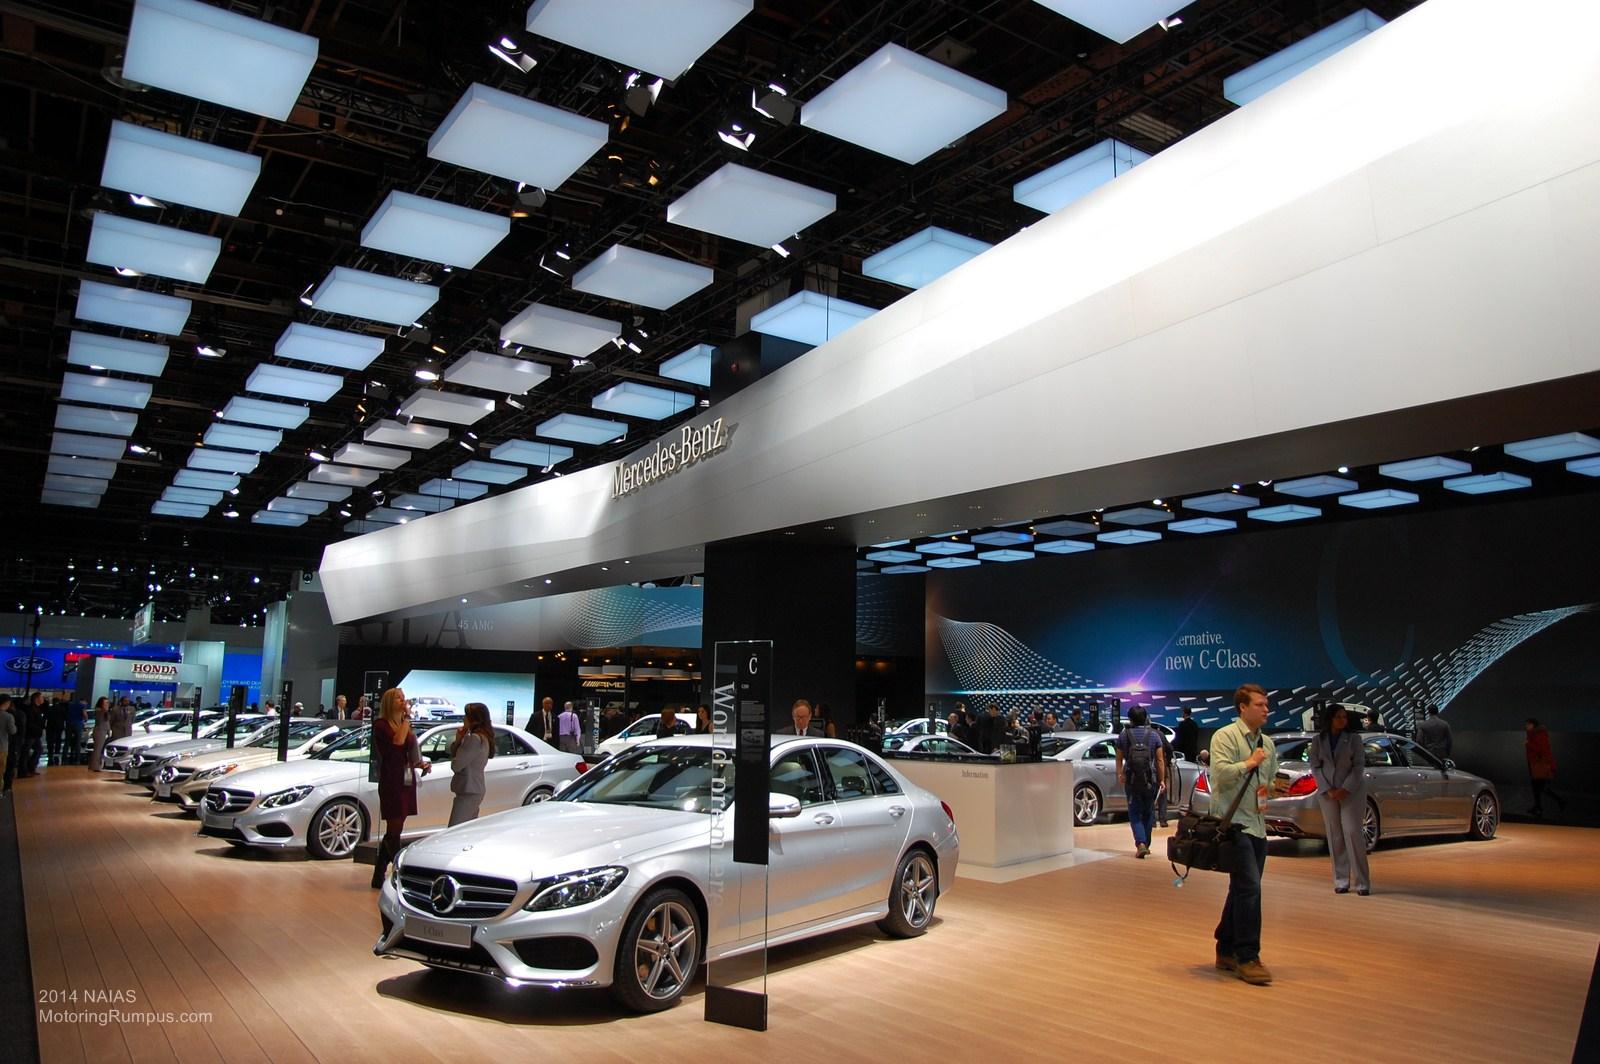 2014 NAIAS Mercedes-Benz